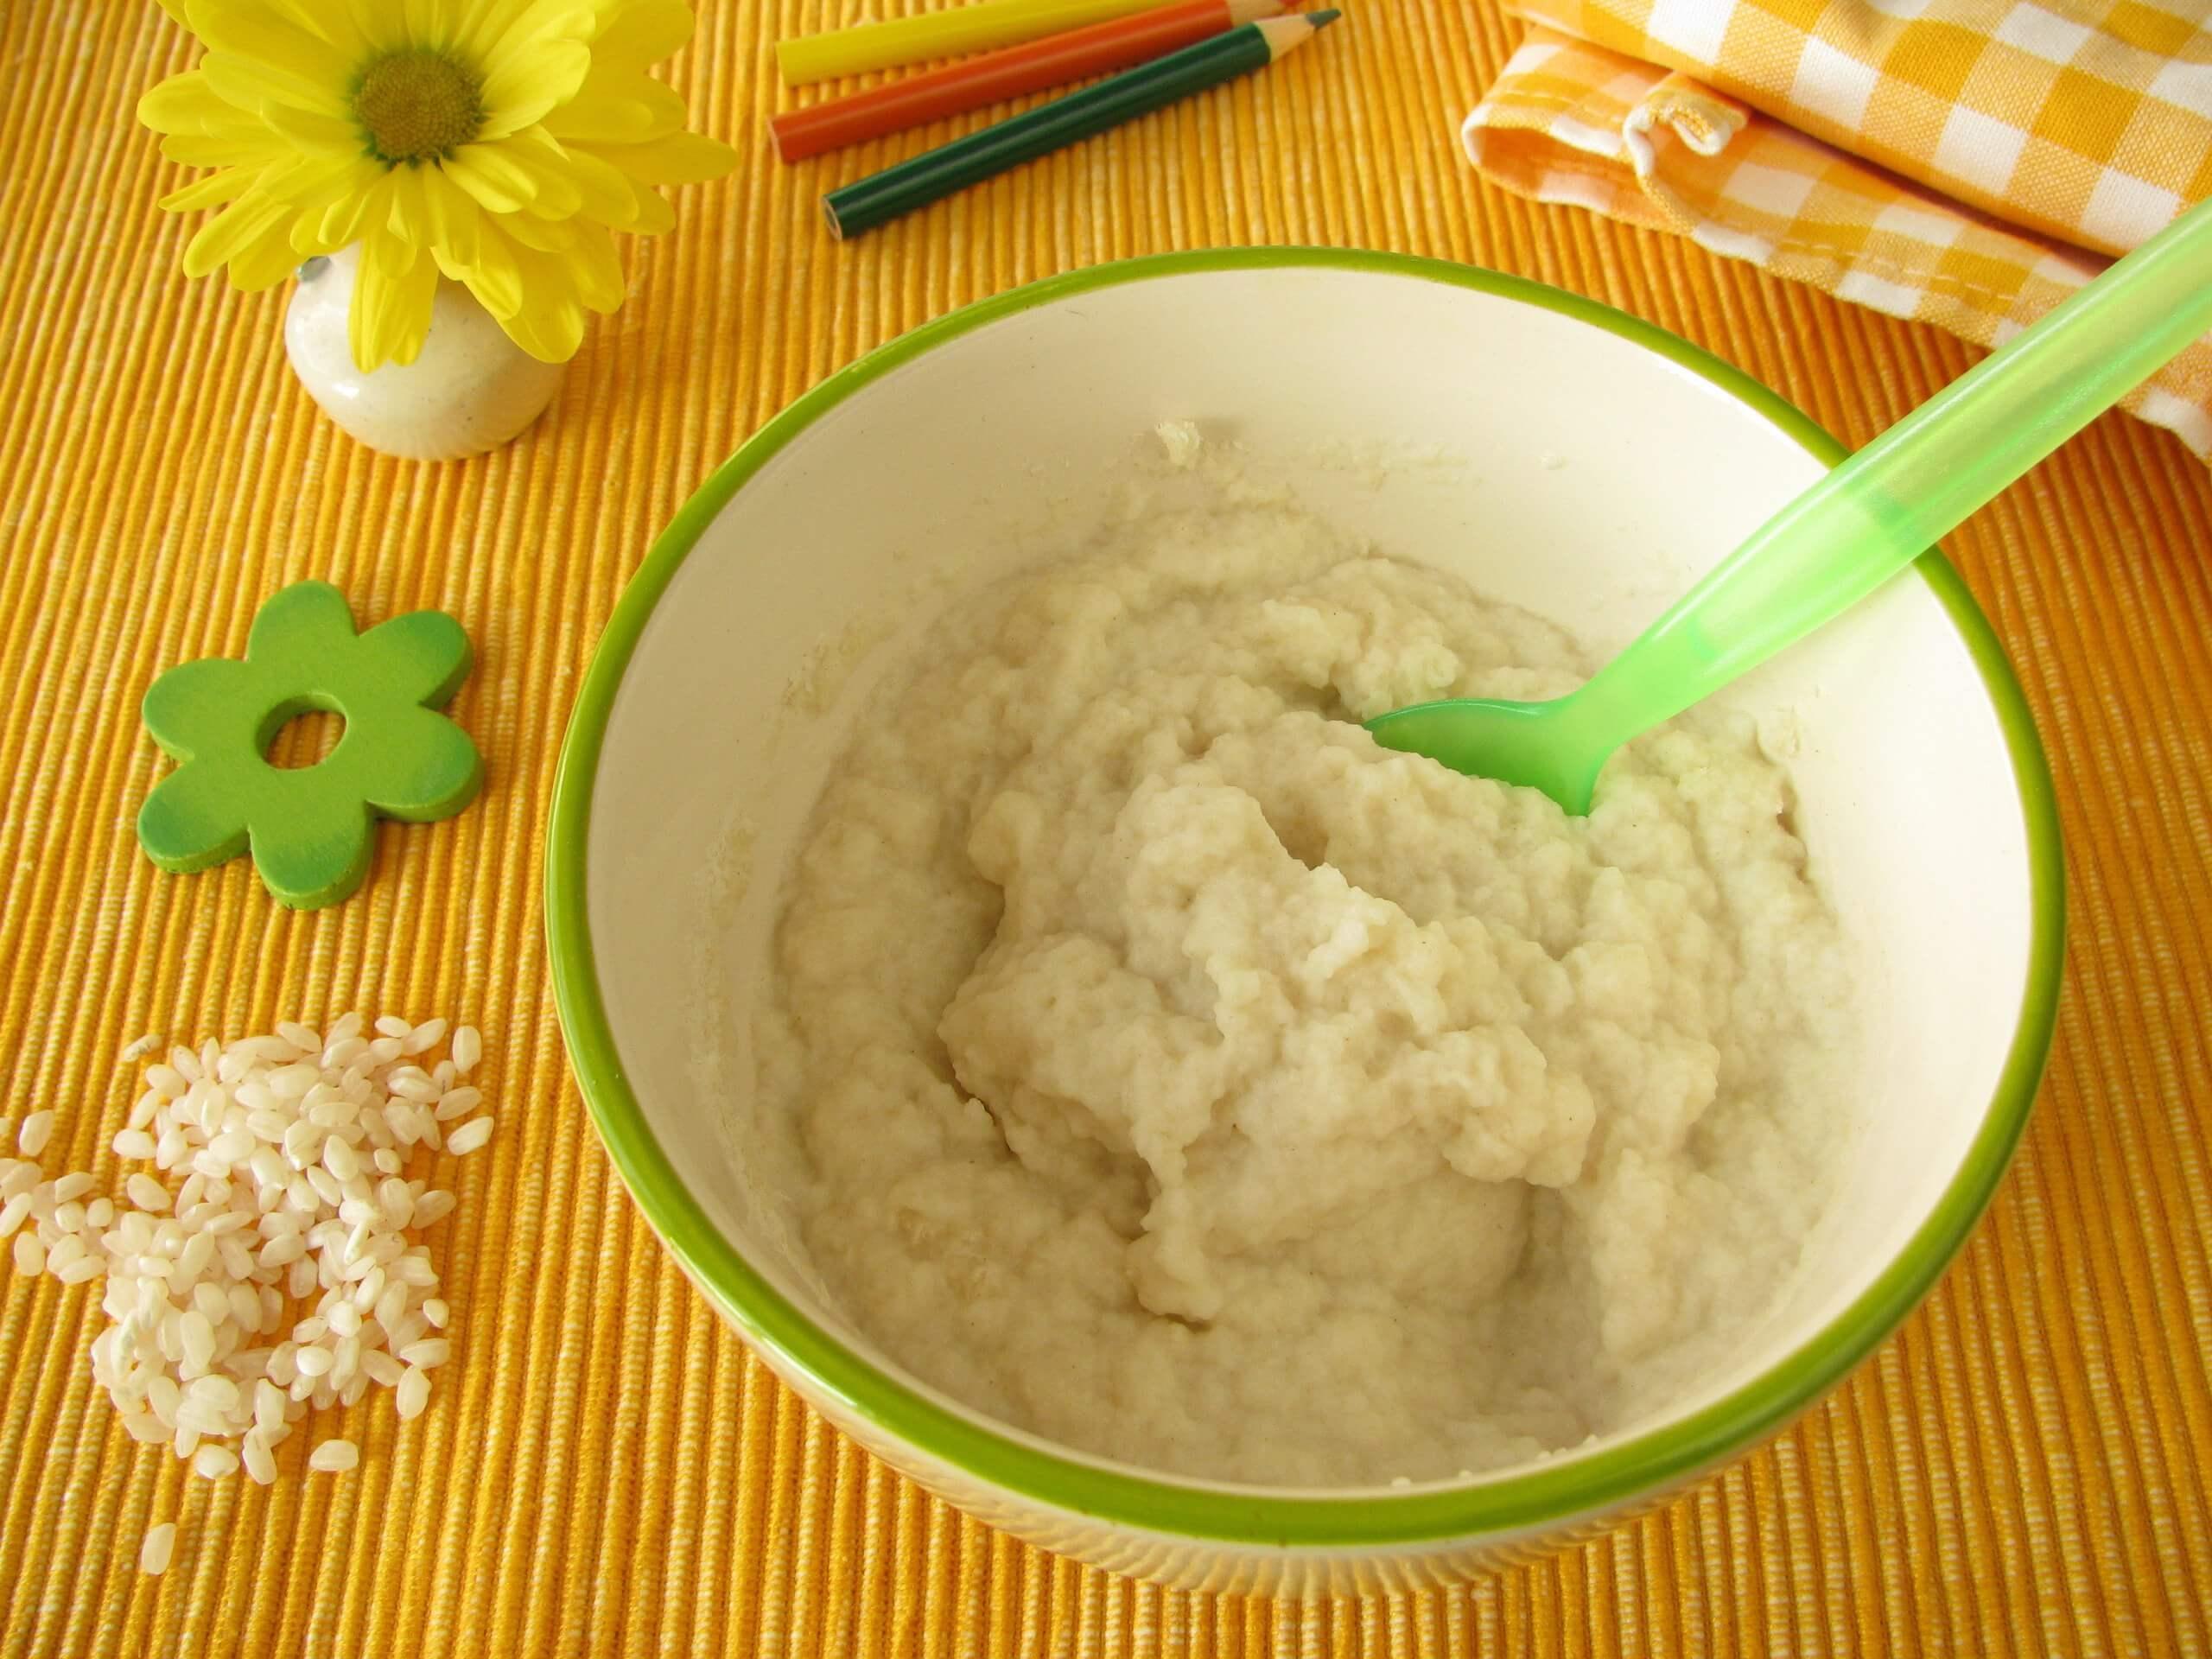 Наша первая каша: как вводить кашу в прикорм